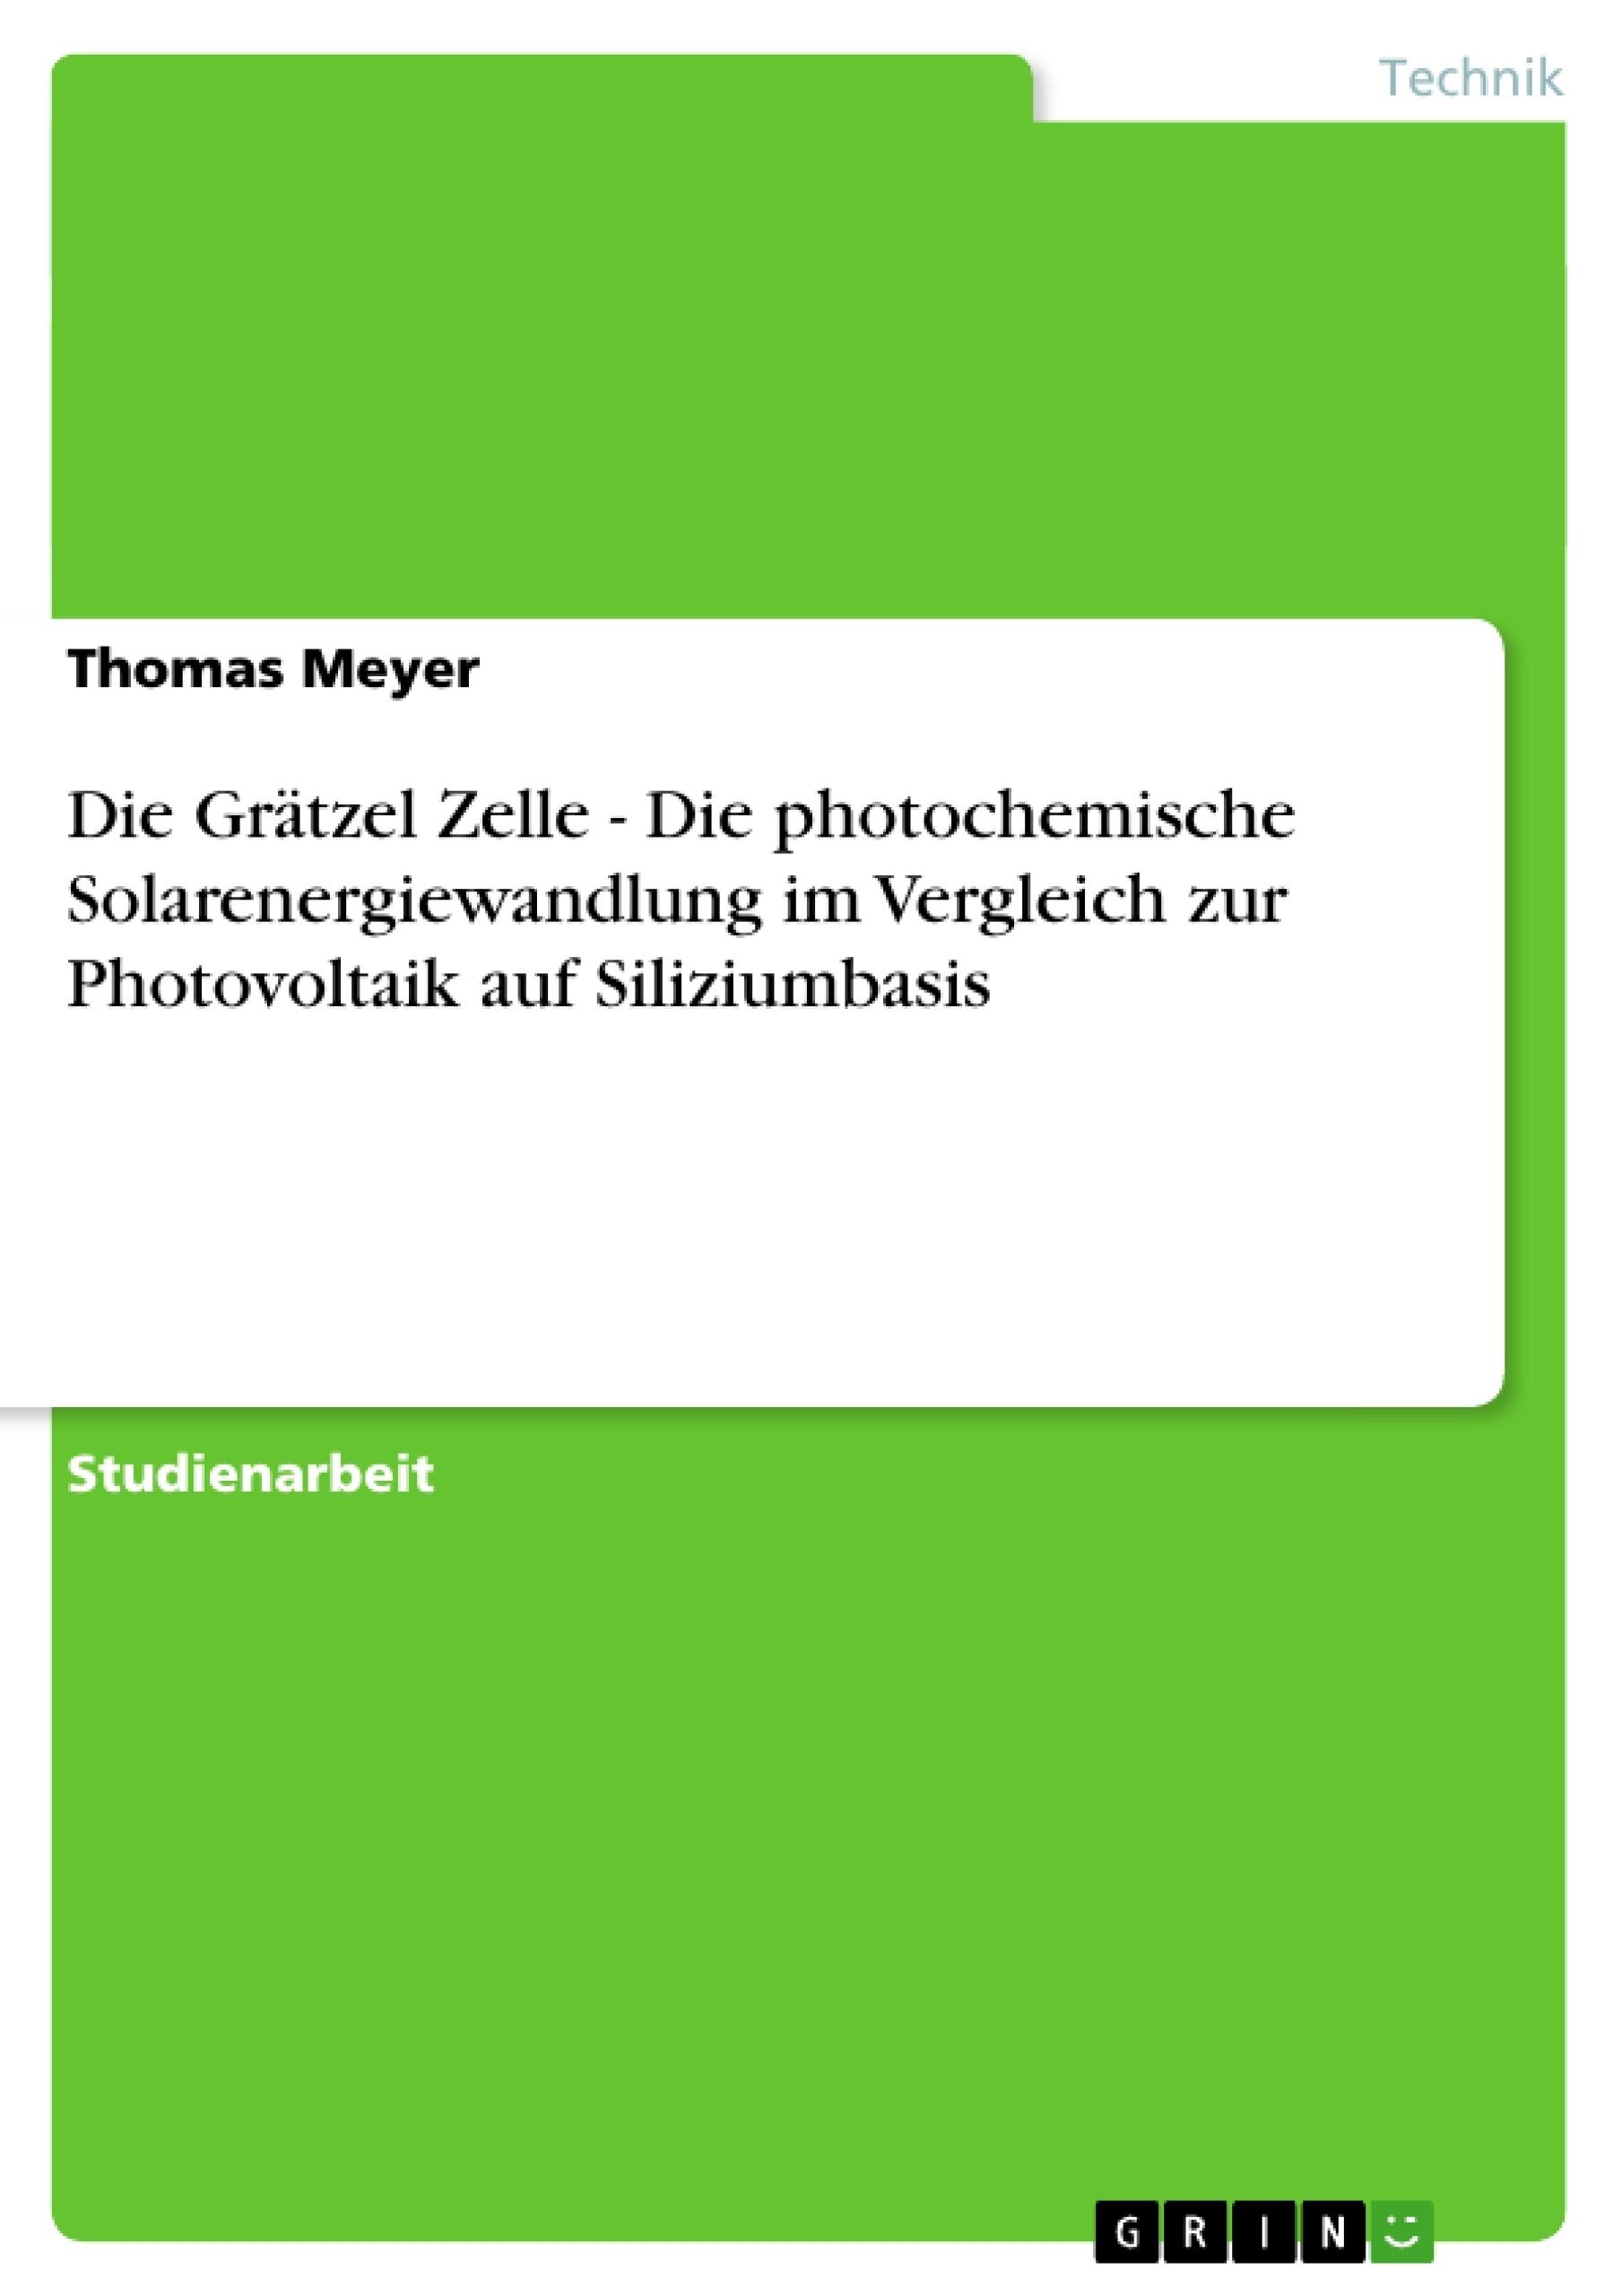 organische solarzelle dissertation